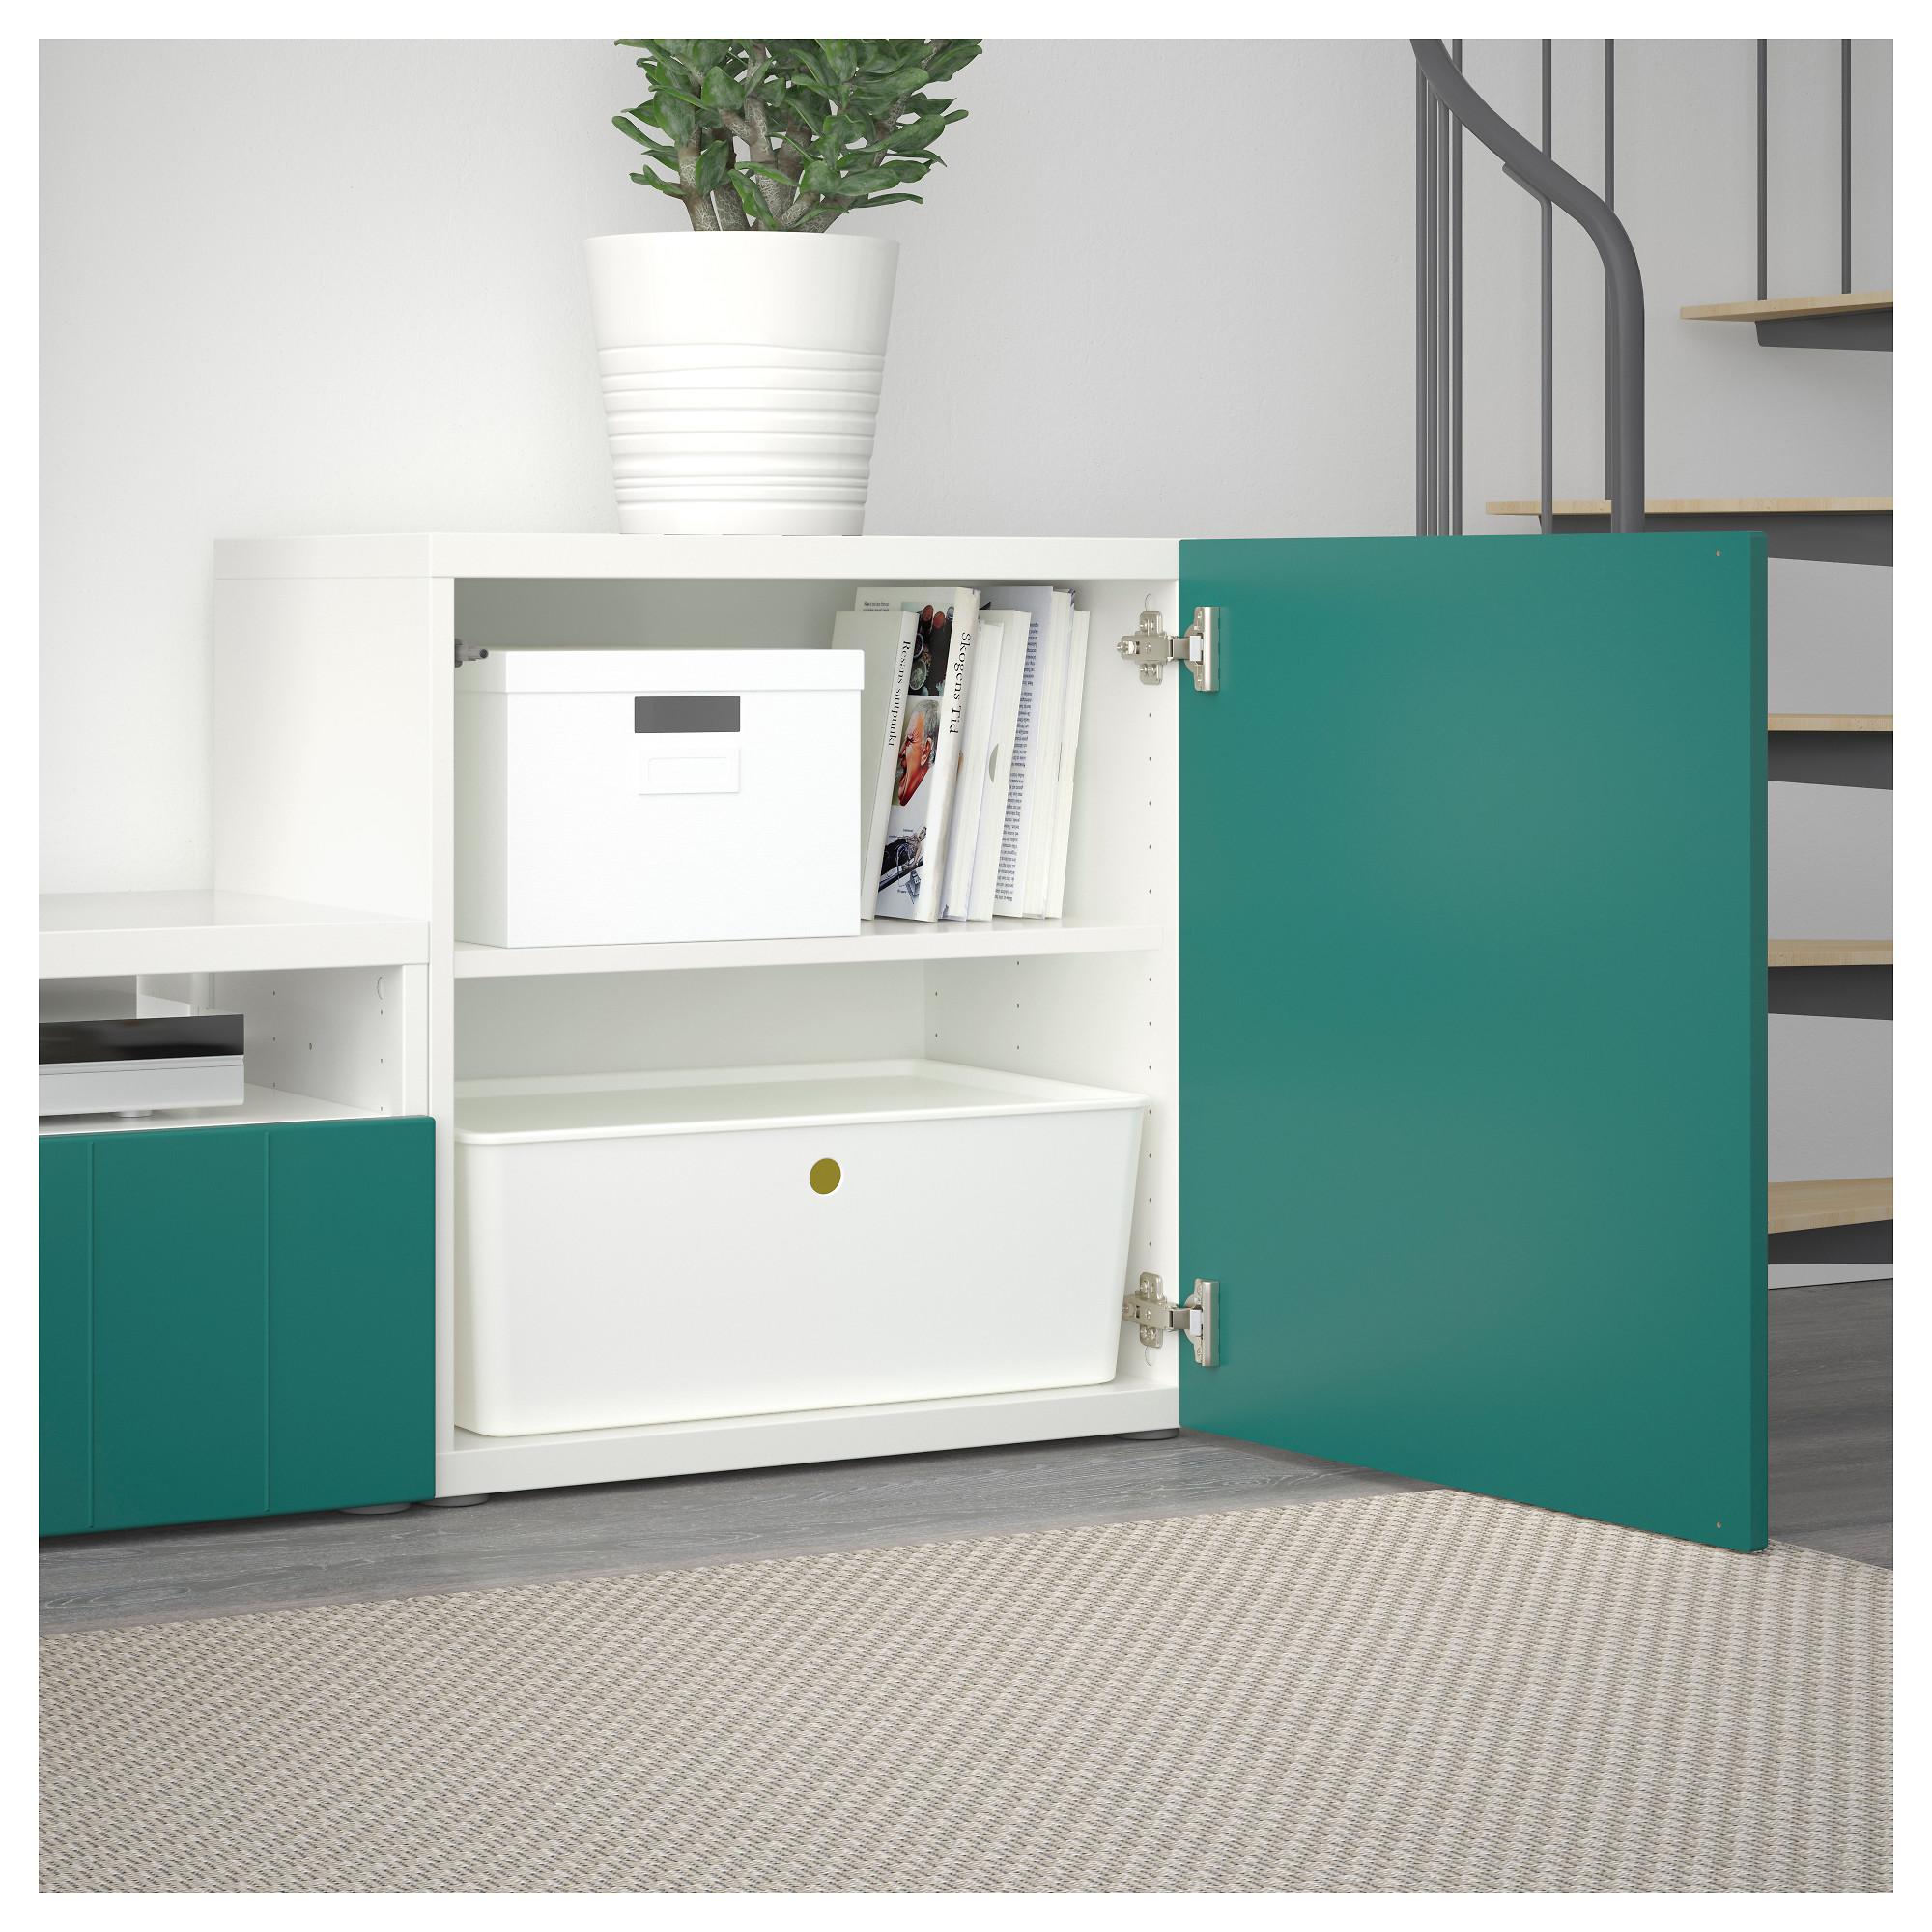 Шкаф для ТВ, комбинированный, стекляные дверцы БЕСТО артикуль № 992.761.32 в наличии. Онлайн магазин IKEA Минск. Недорогая доставка и монтаж.